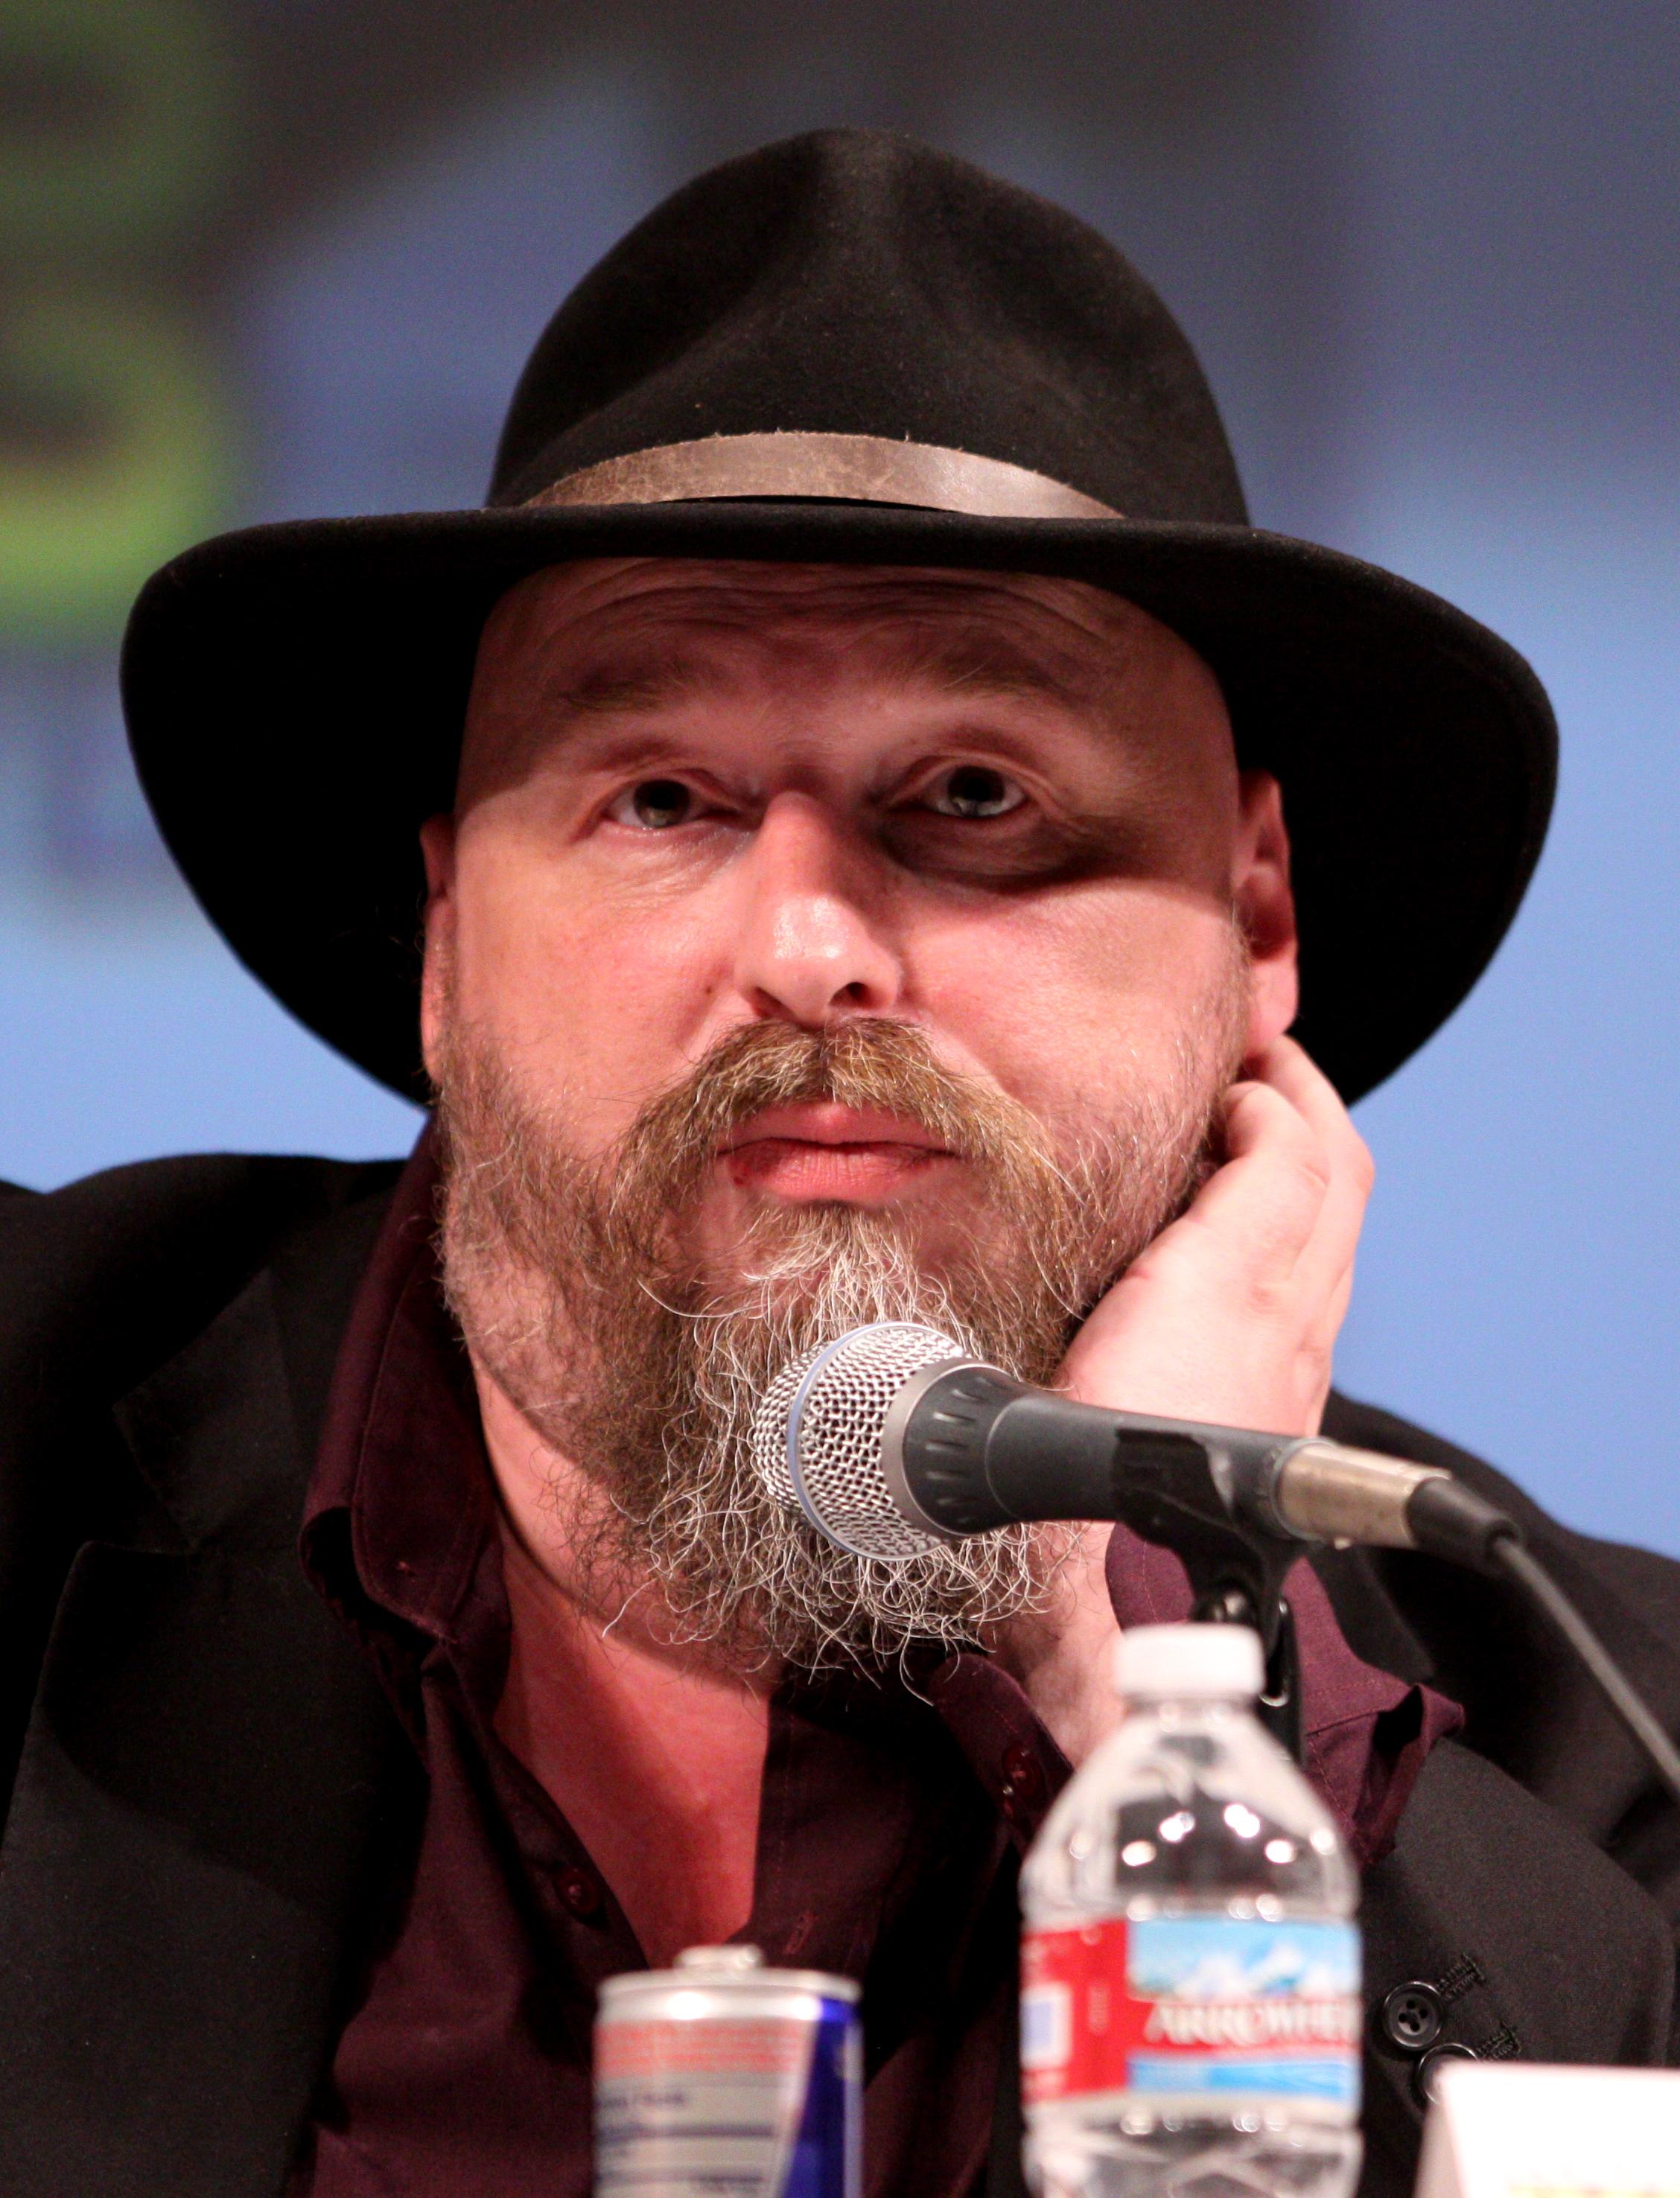 Ellis at Comic Con in 2010